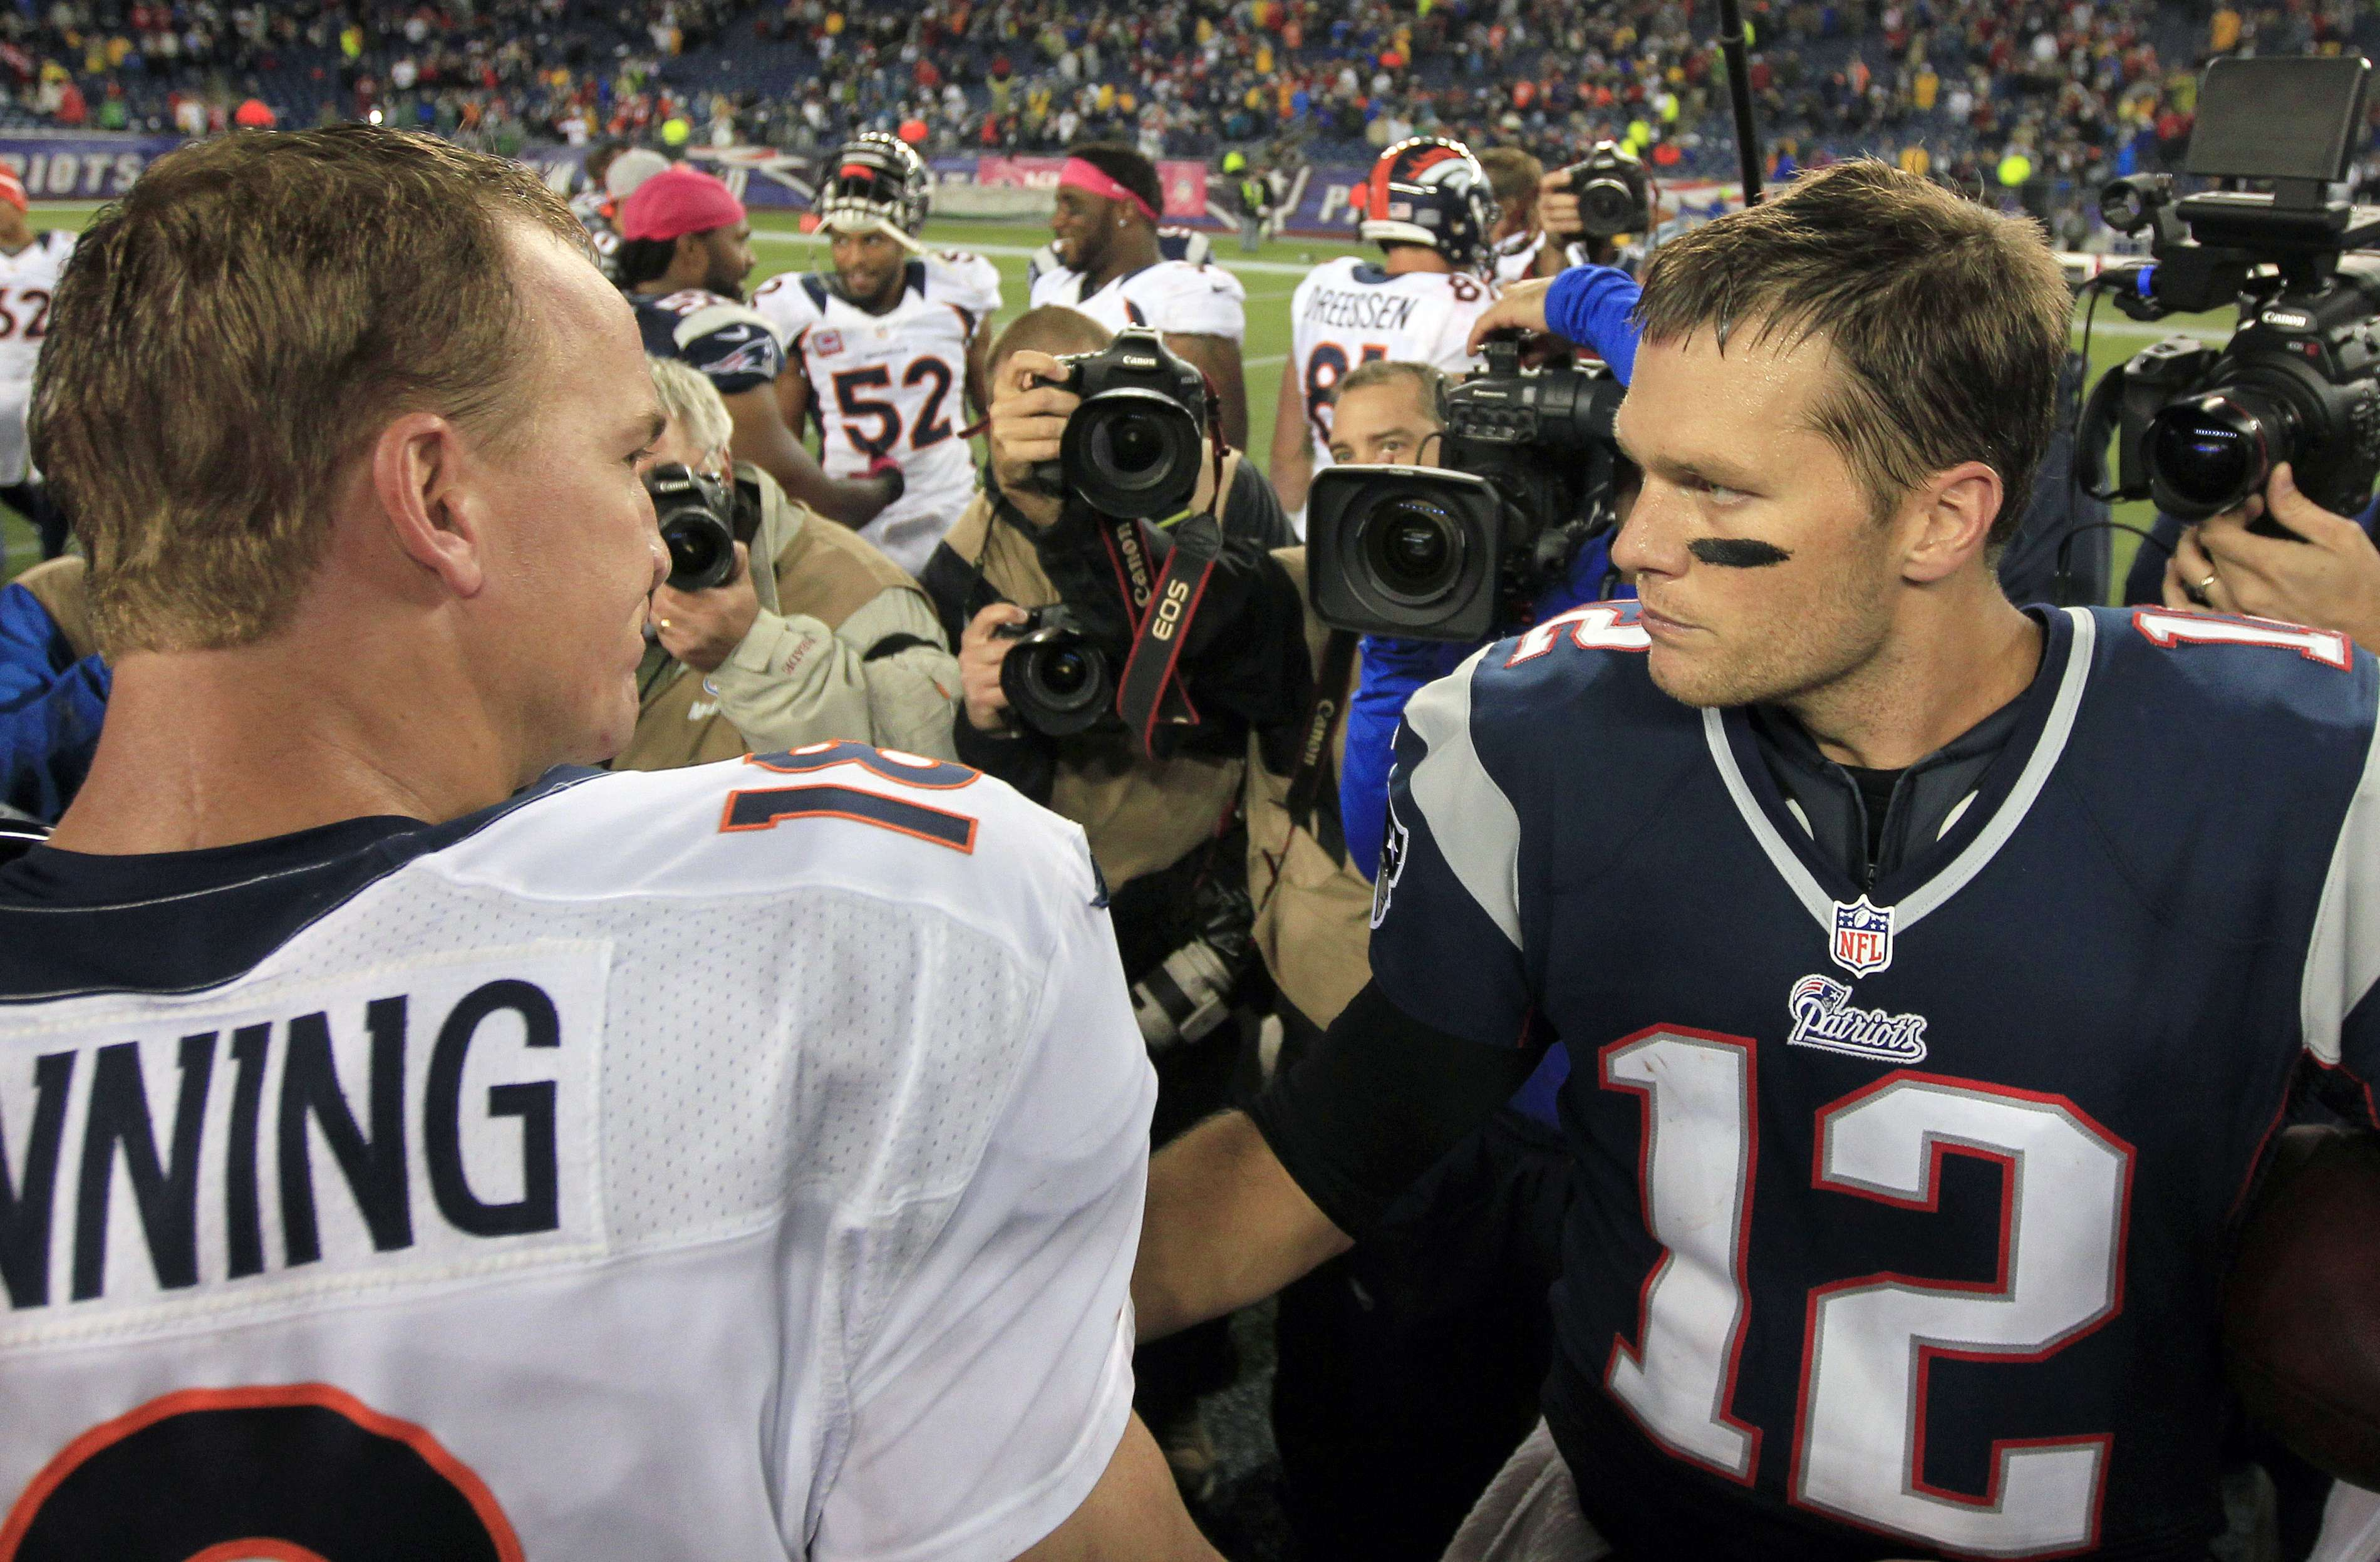 Manning y Brady fueron elegidos para el Pro Bowl. Foto: AP